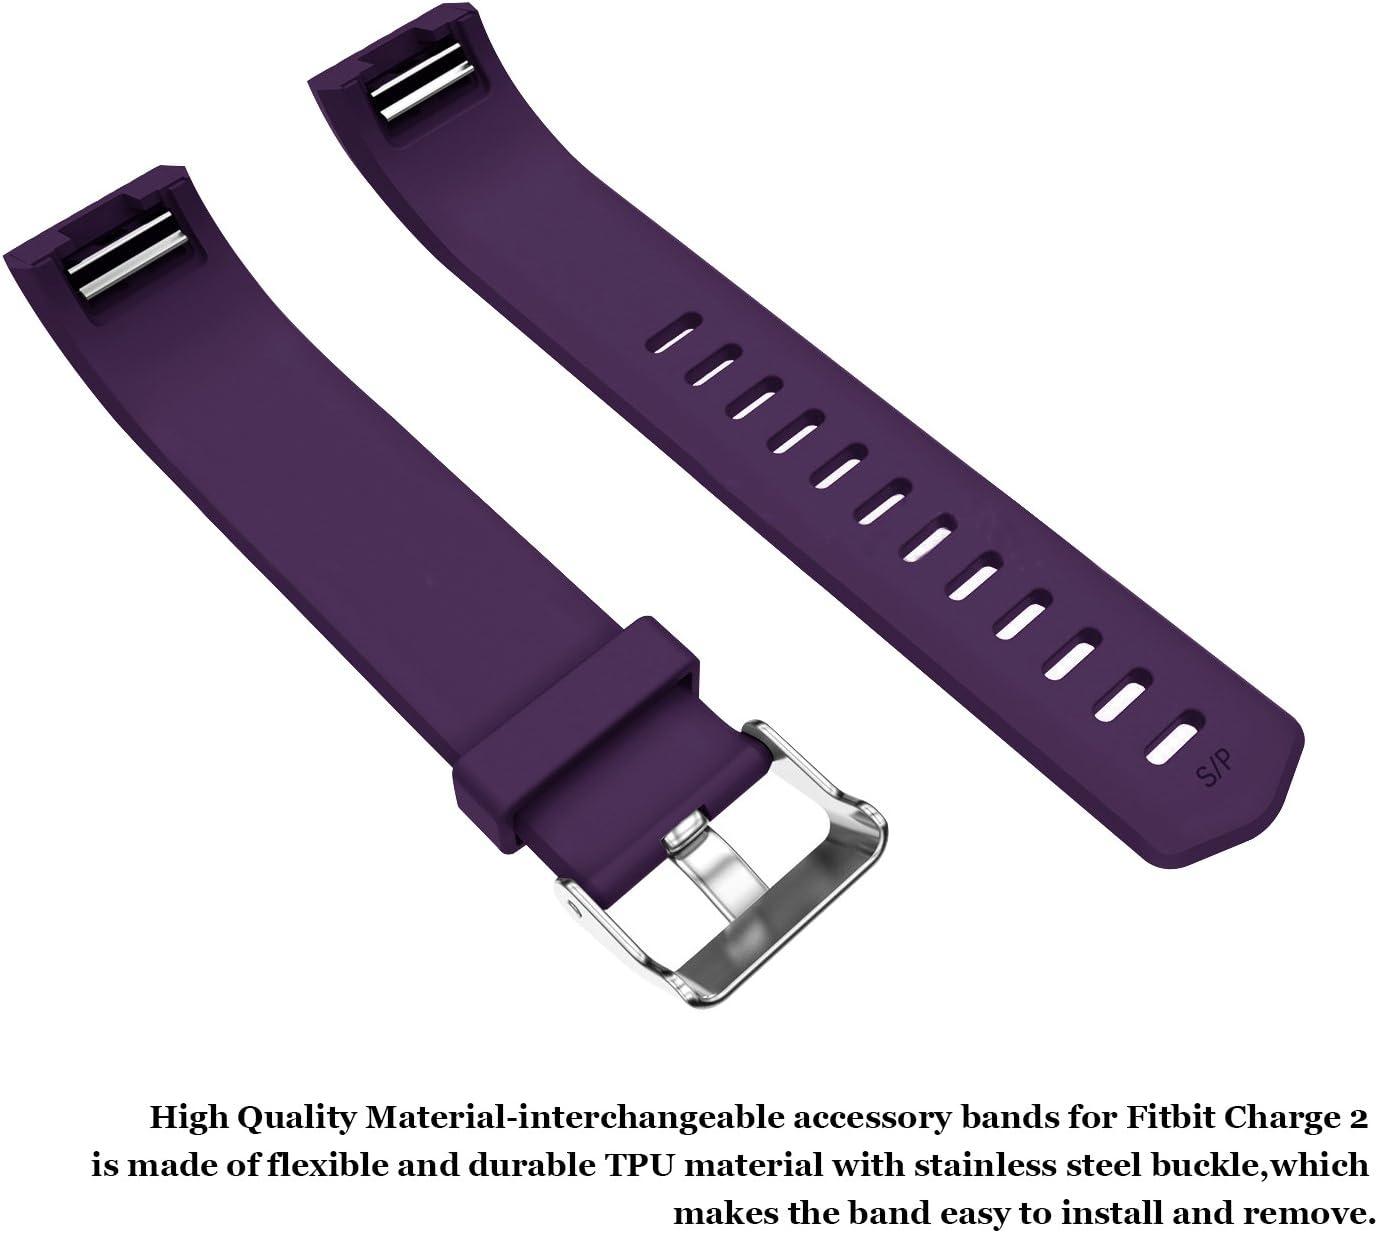 Accessoires R/églables en Silicone Large Small Strap Remplacement de Remplacement Bepack Fitbit Charge 2 Bracelet Sport Band pour Montre Fut/ée Bracelet Fitbit Charge 2 Femme Homme Rouge Bleu